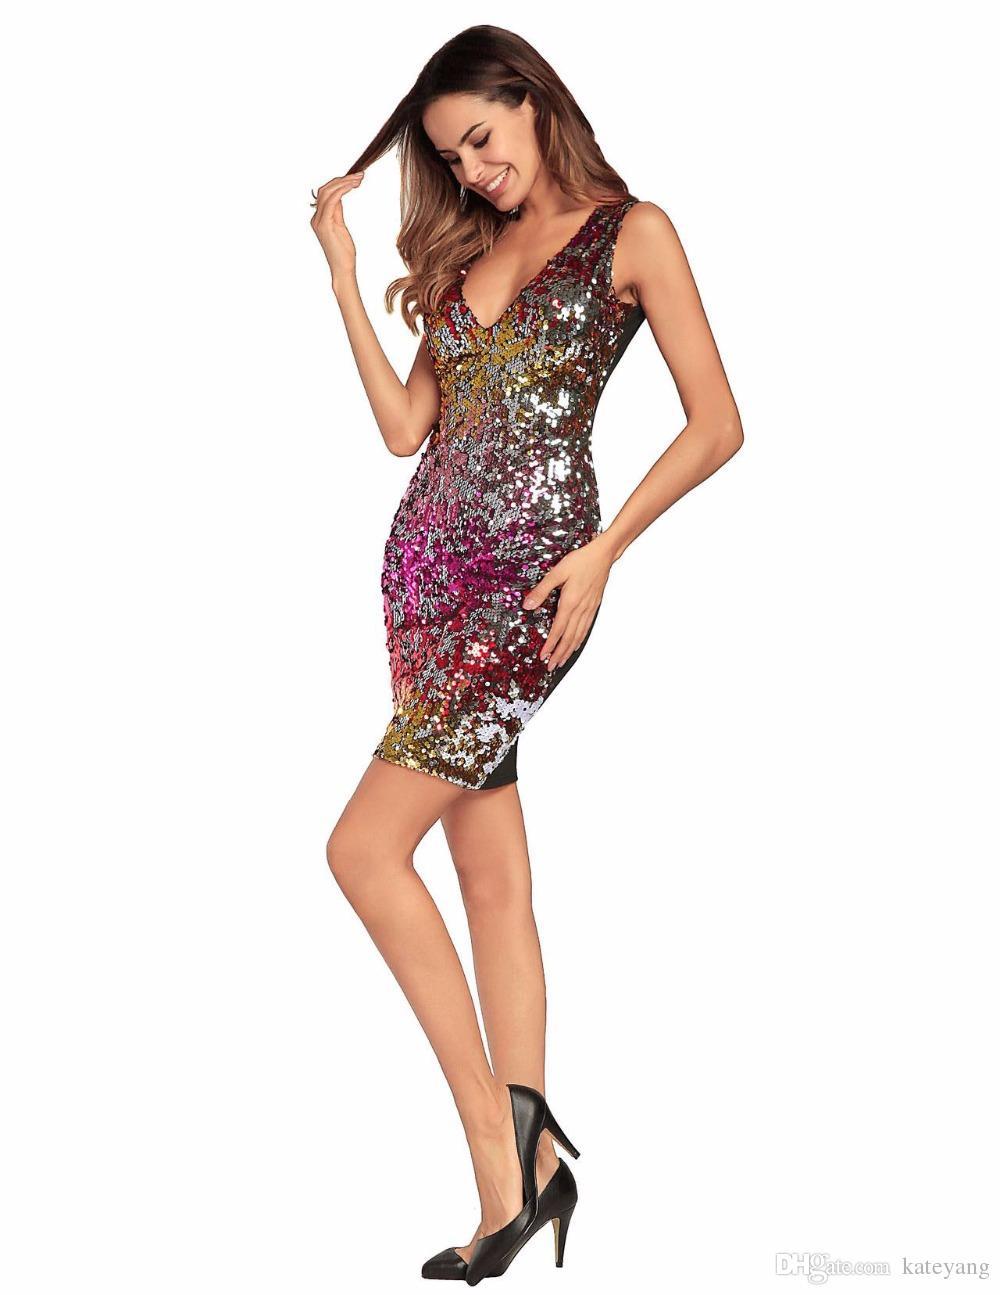 Primavera Mulheres bloco de cor lantejoula Vestido Sexy V Pescoço multi-cor Brilhante Brilhante Vestido Elegante Curto Vestidos de Festa clubwear